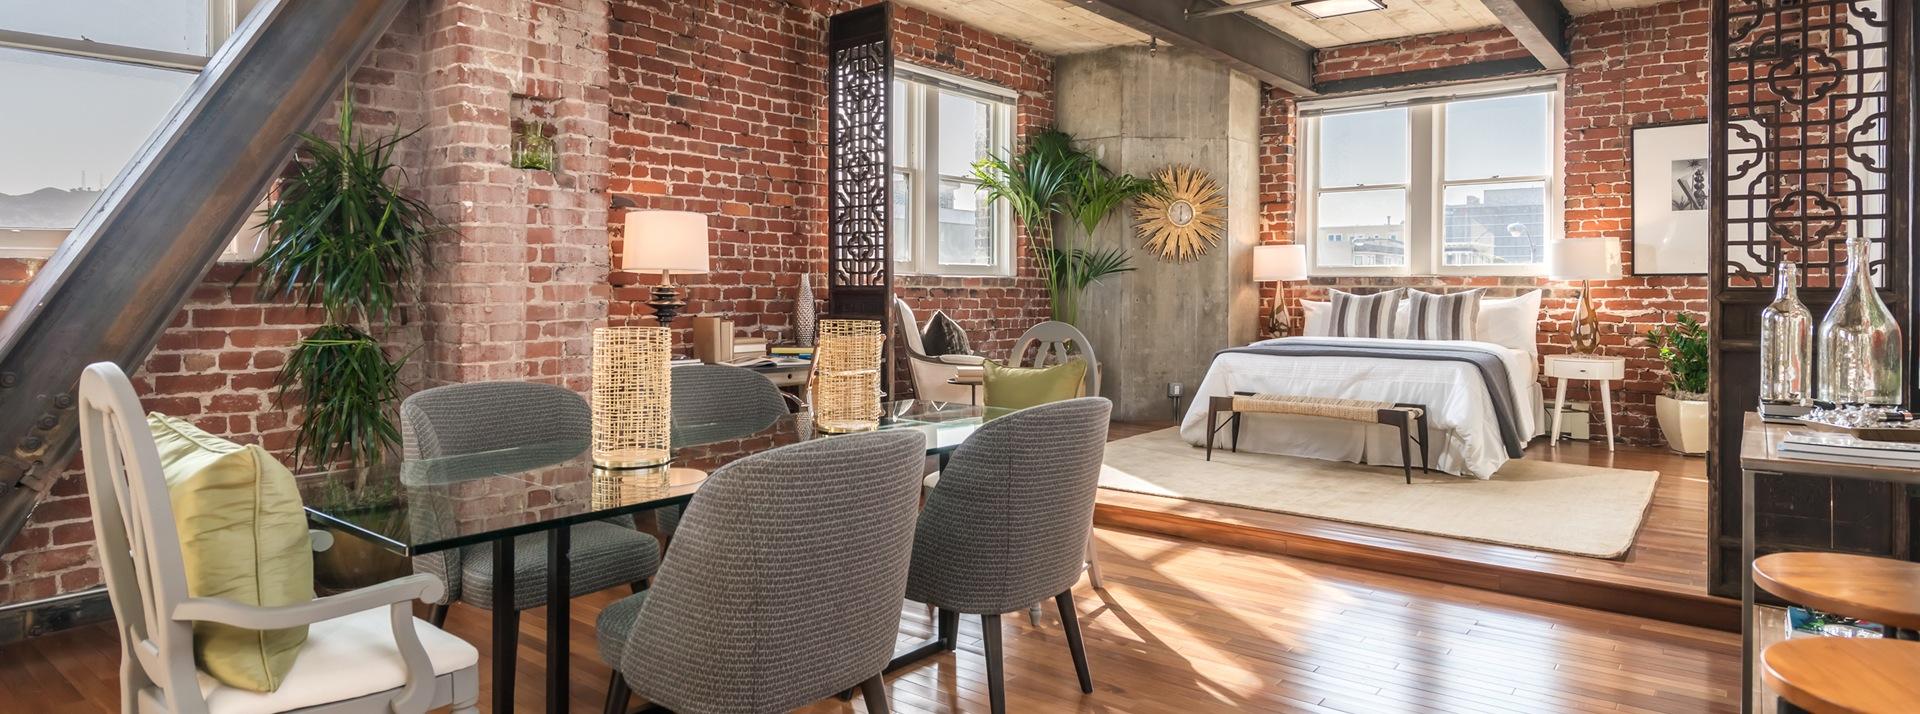 Marcus Lee SF Real Estate Agent San Francisco Bay Area Condos 07